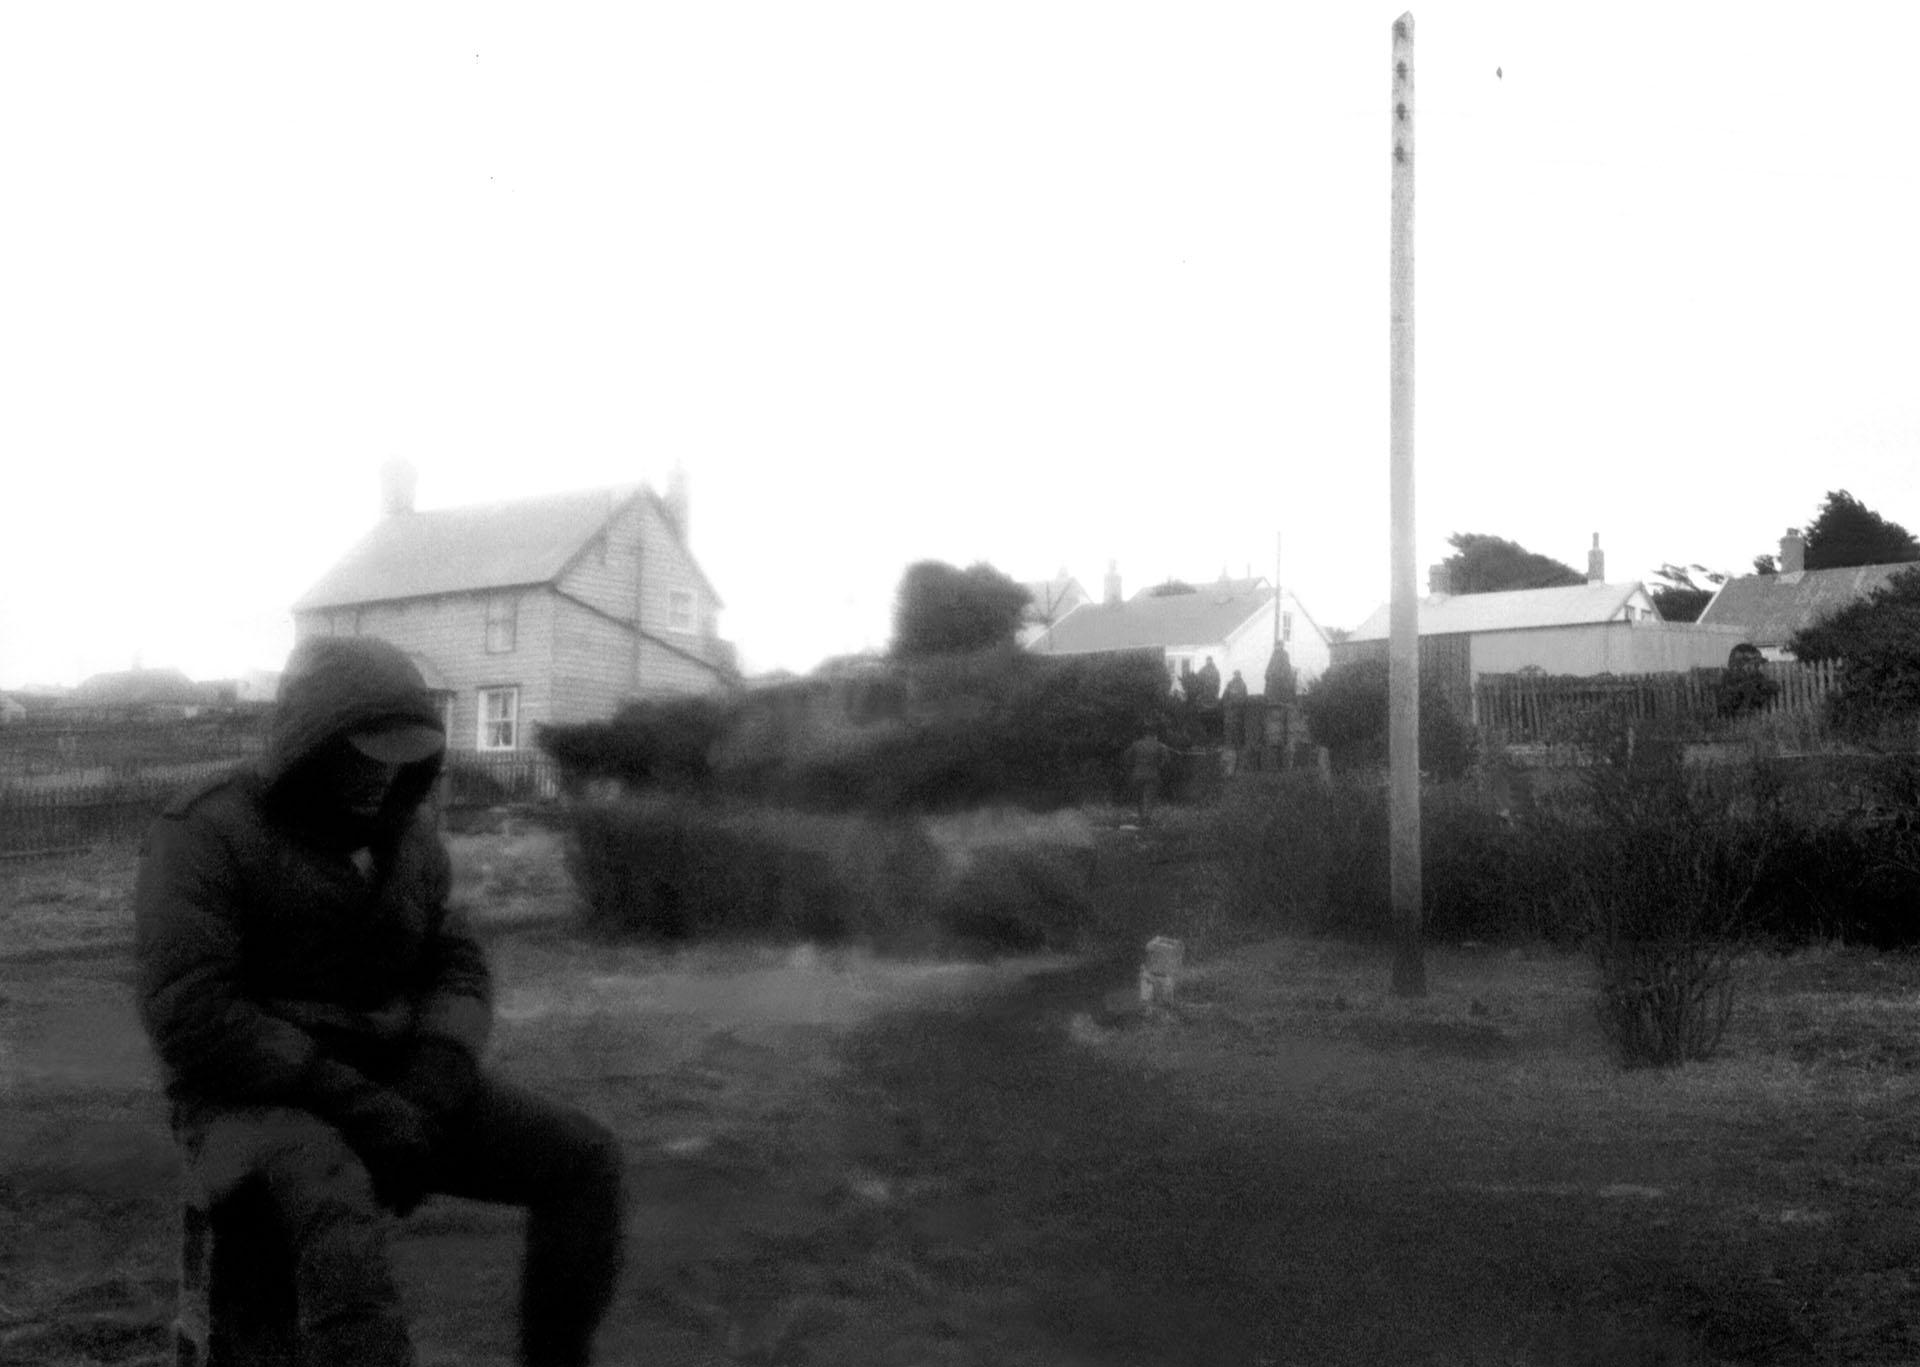 La bruma y la niebla lo envuelven. En soledad, sabe que sus sufrimientos han terminado. No más bombas, estallidos, ni muerte. La amargura de la rendición también lo golpeará sin piedad (Foto: archivo privado).